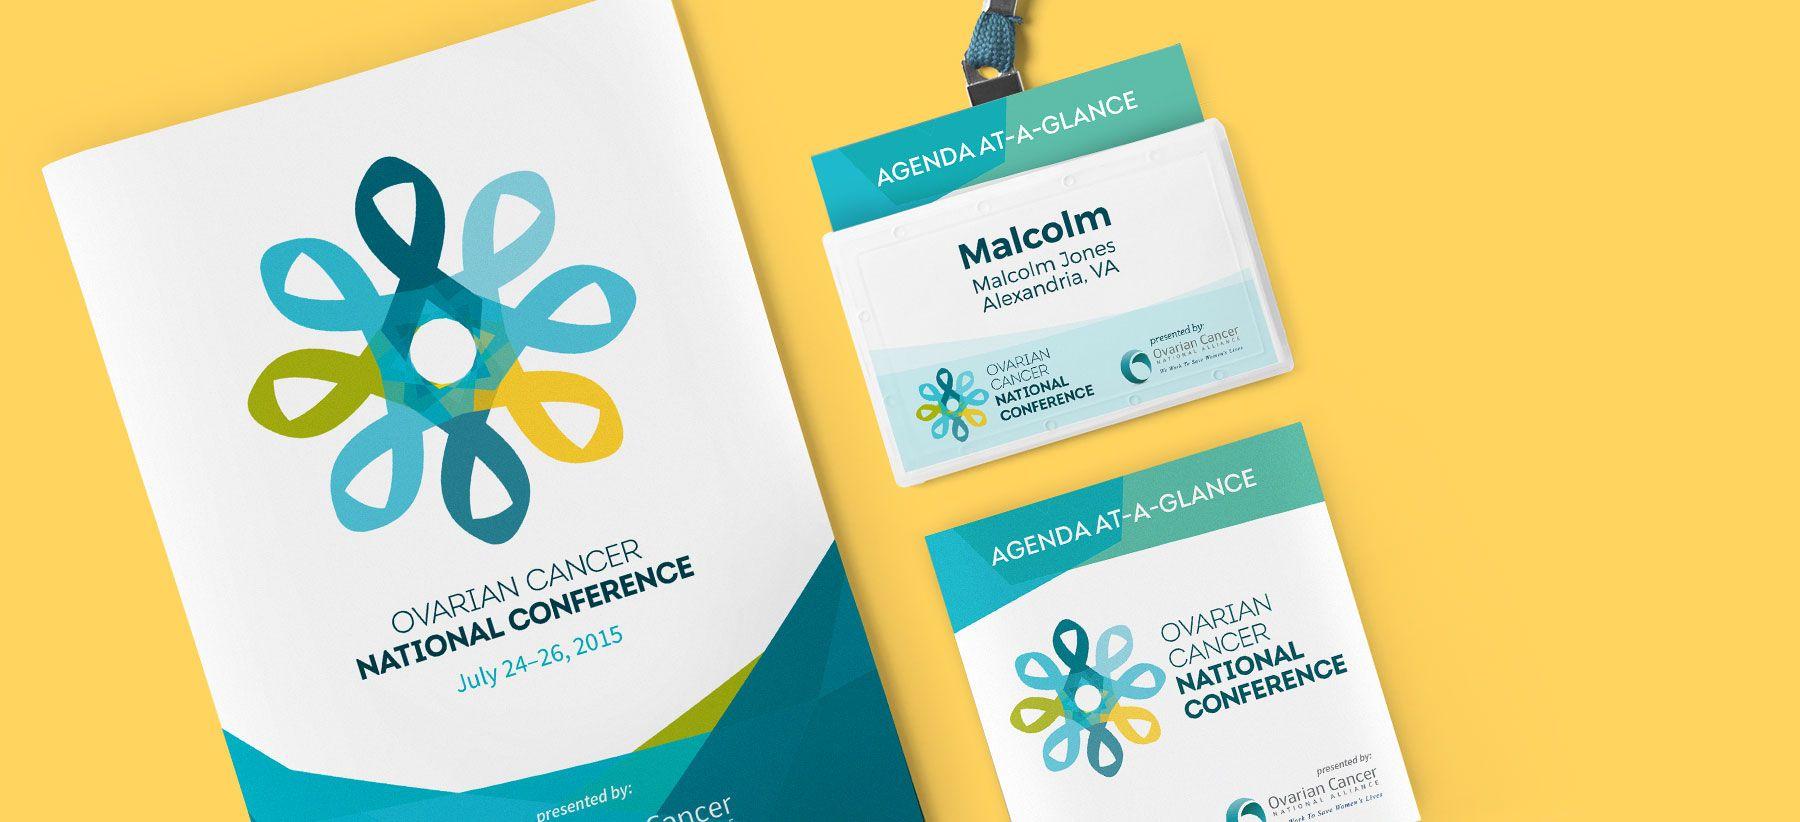 conference badge design